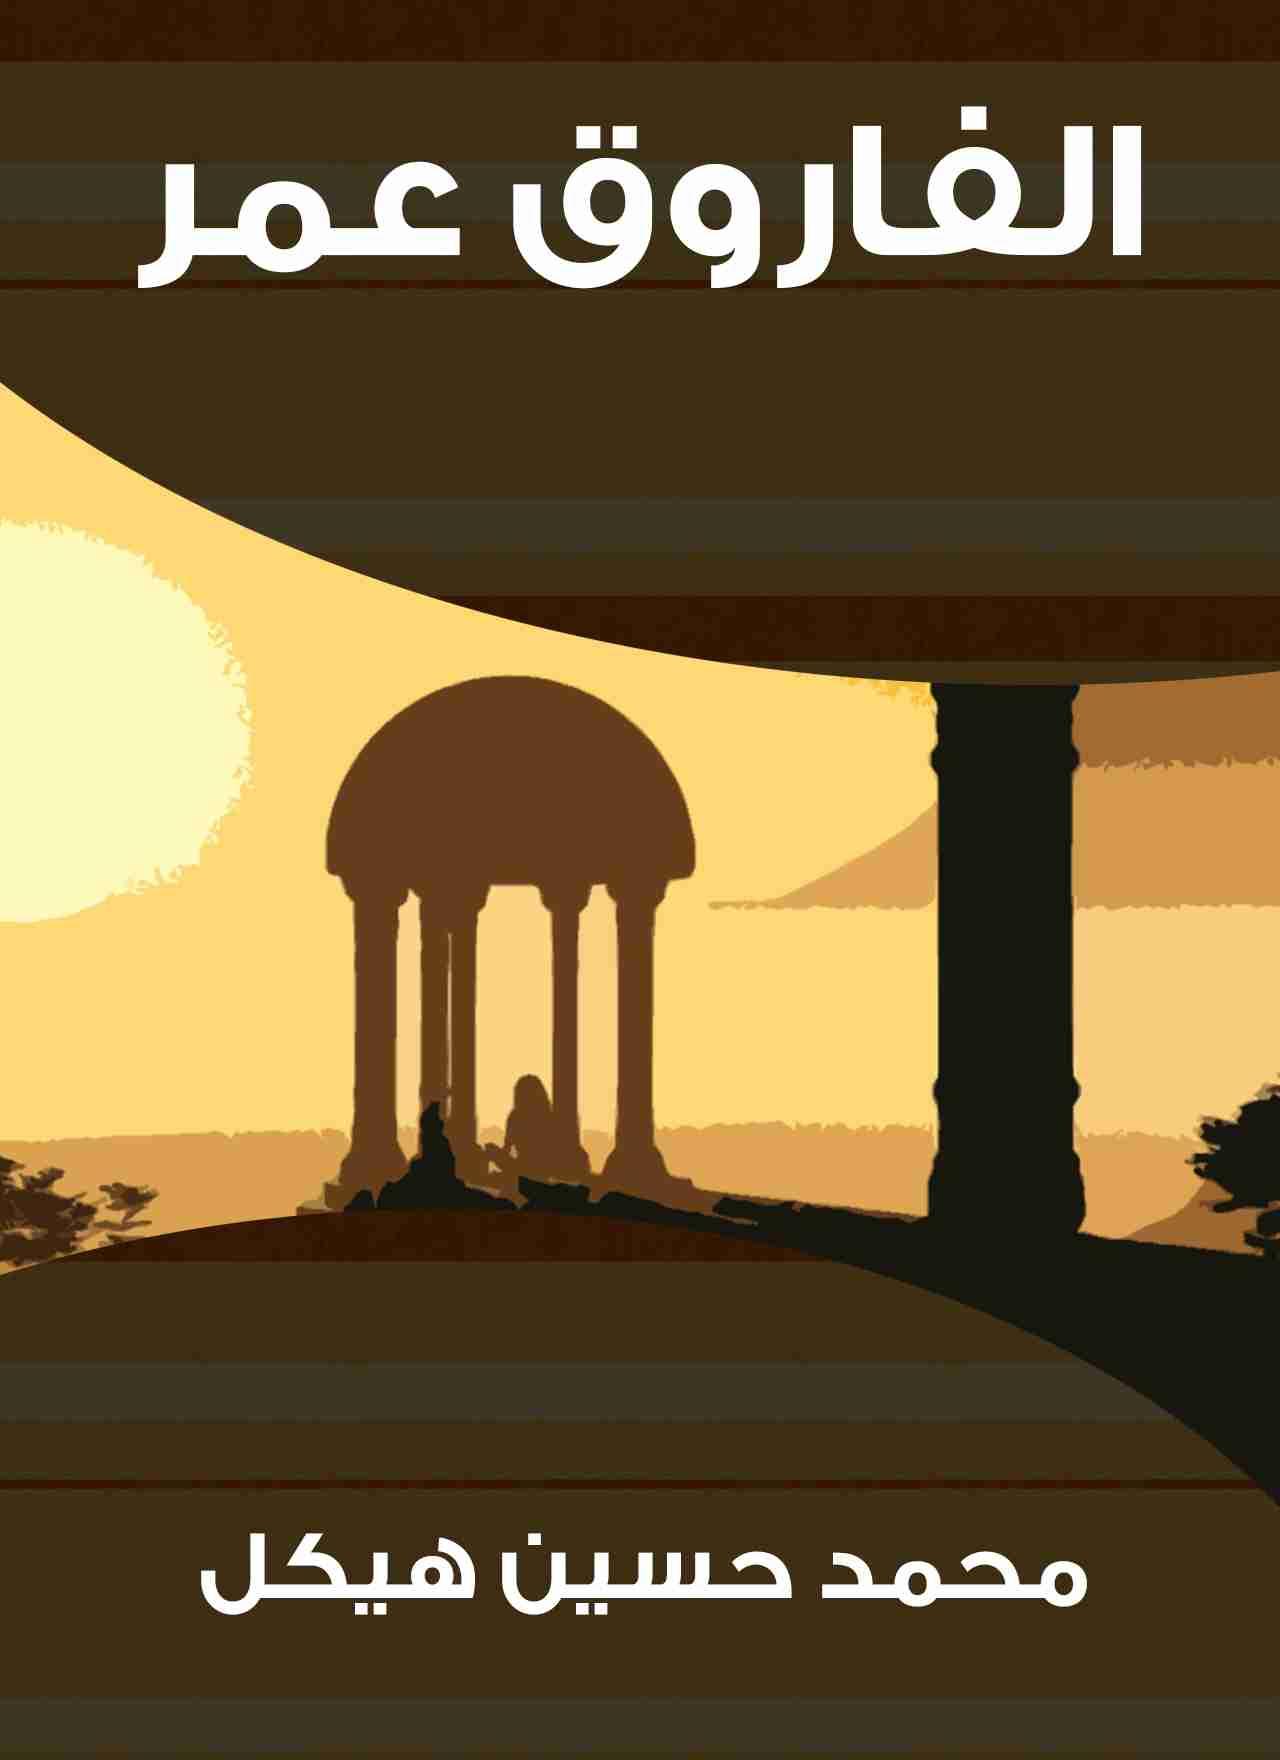 تحميل كتاب الفاروق عمر الجزء الثاني pdf تأليف محمد حسين هيكل مجانا   المكتبة تحميل كتب pdf